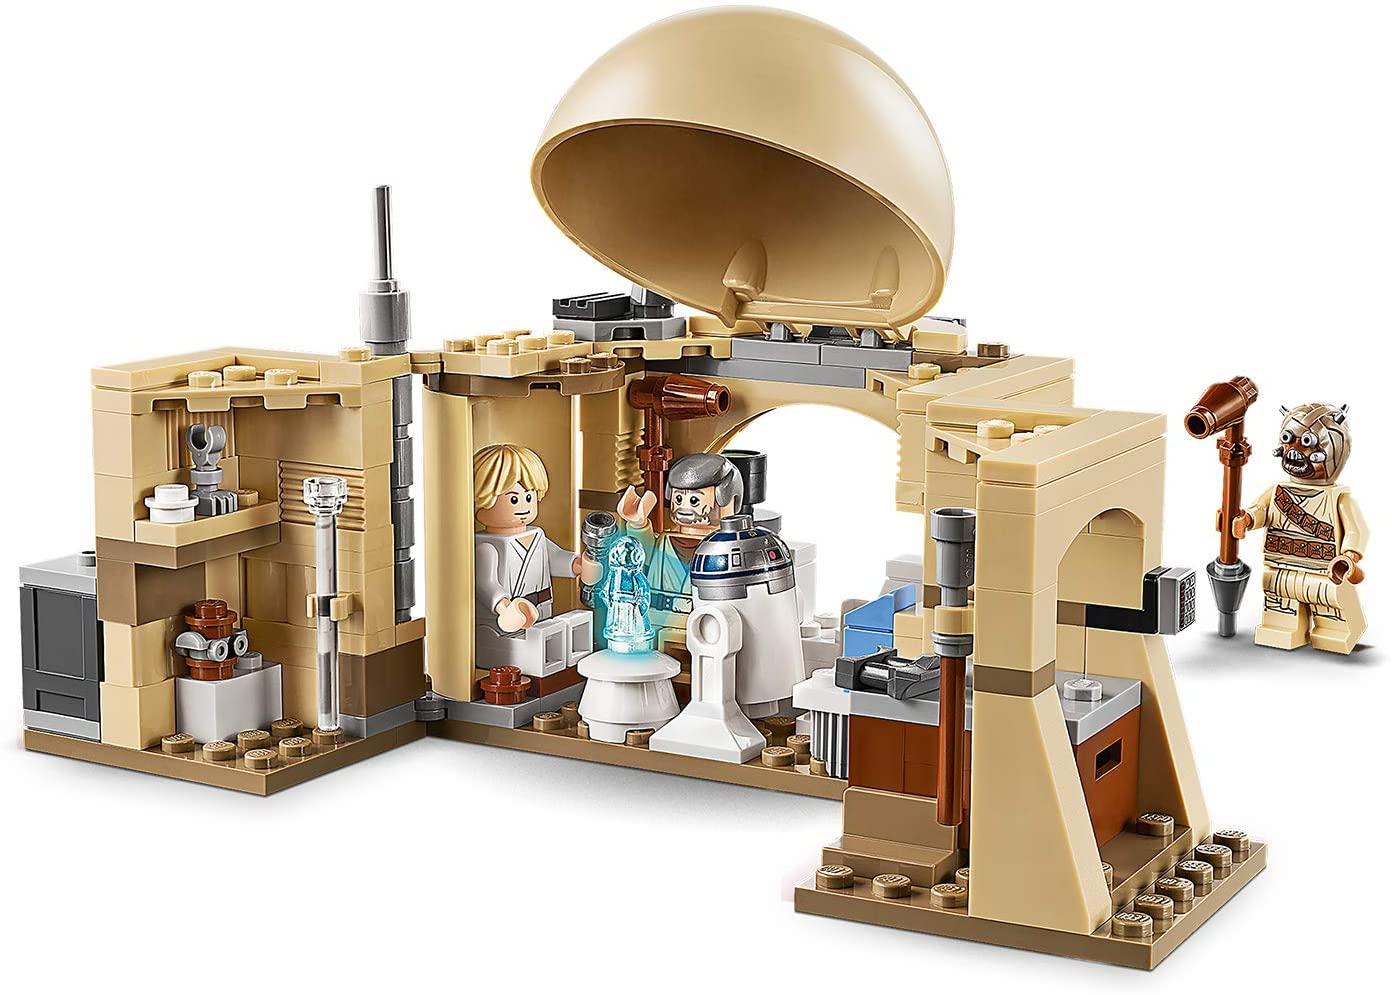 LEGO Star Wars cabane Obi Wan